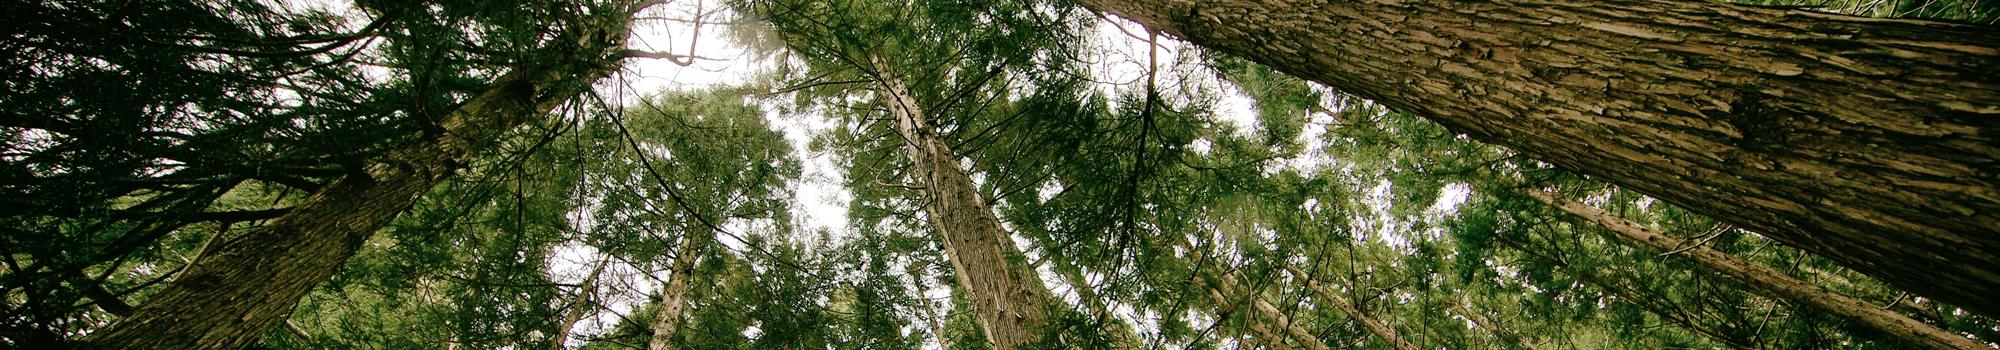 Préserver la nature, un axes prioritaire aujourd'hui